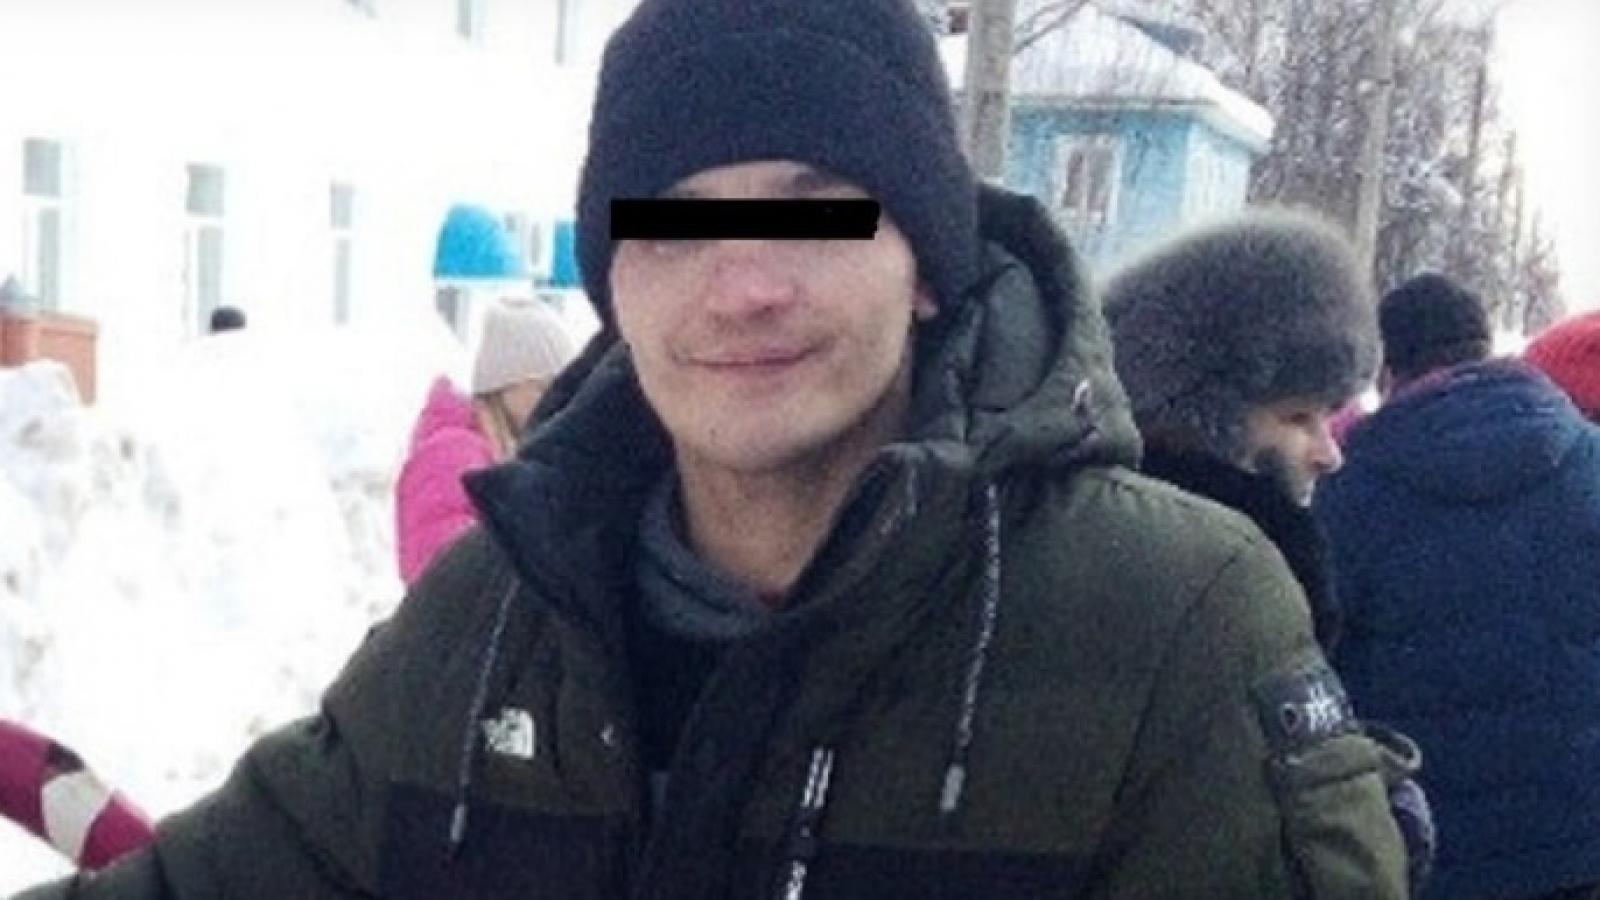 Устюжанин сбегал от продюсеров НТВ и выпал из окна